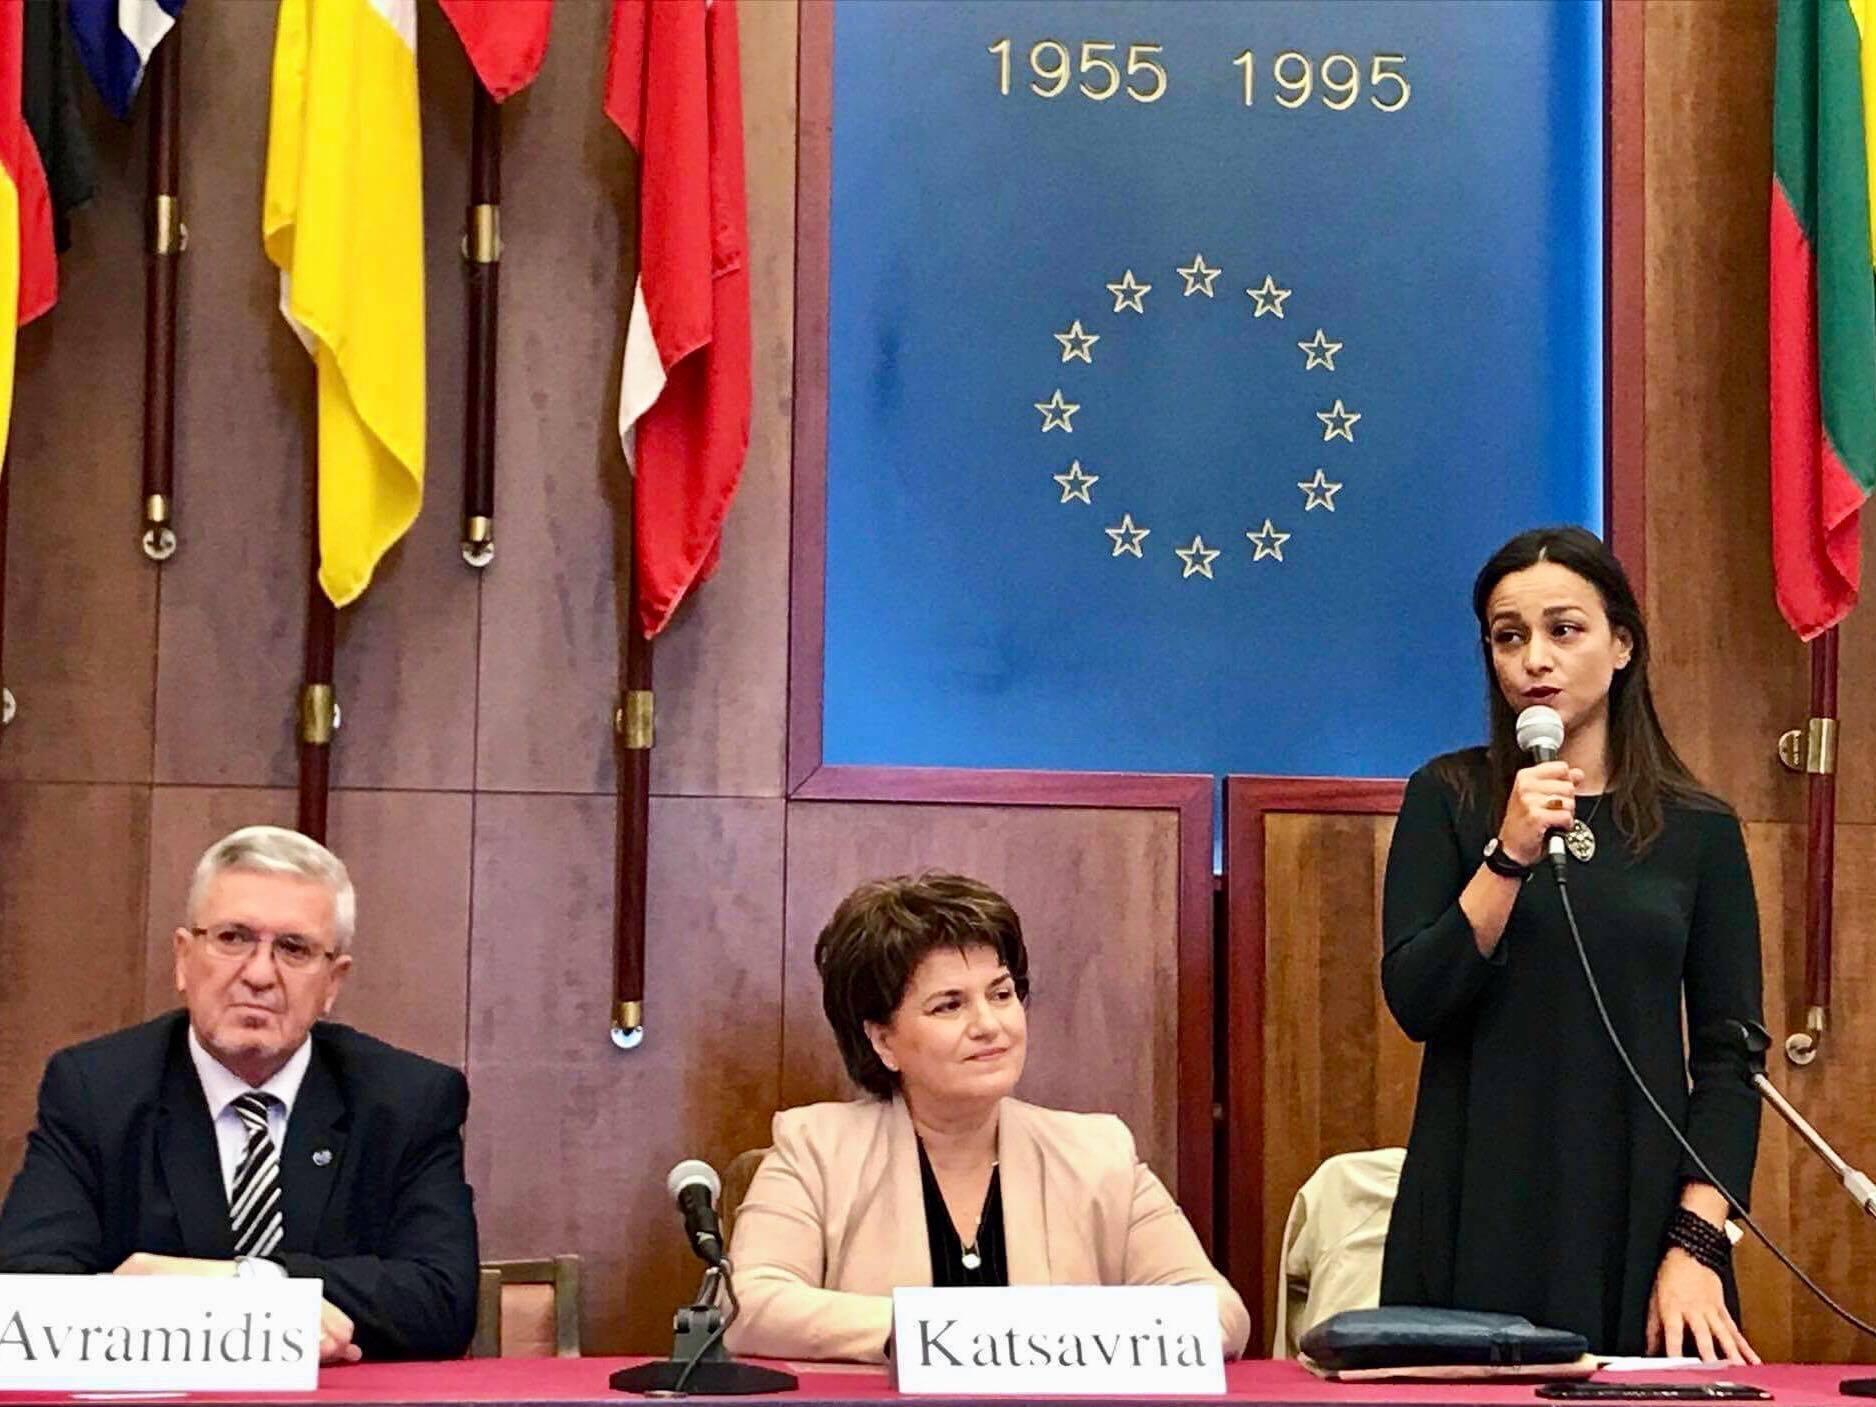 Председатель Федерации греческих обществ Италии Ольга Насси выступает с приветственным словом